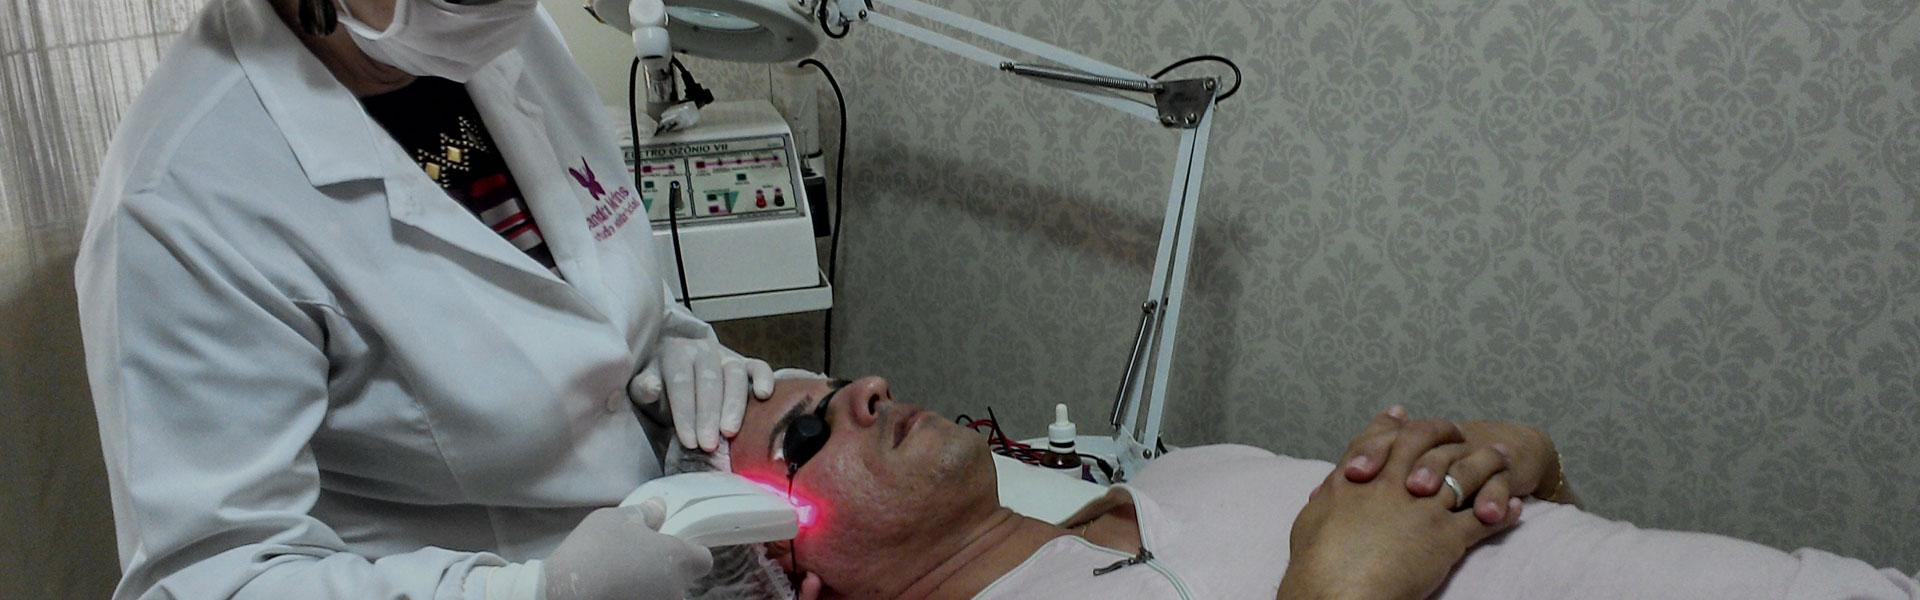 laser-e-led-terapia-estetica-facial